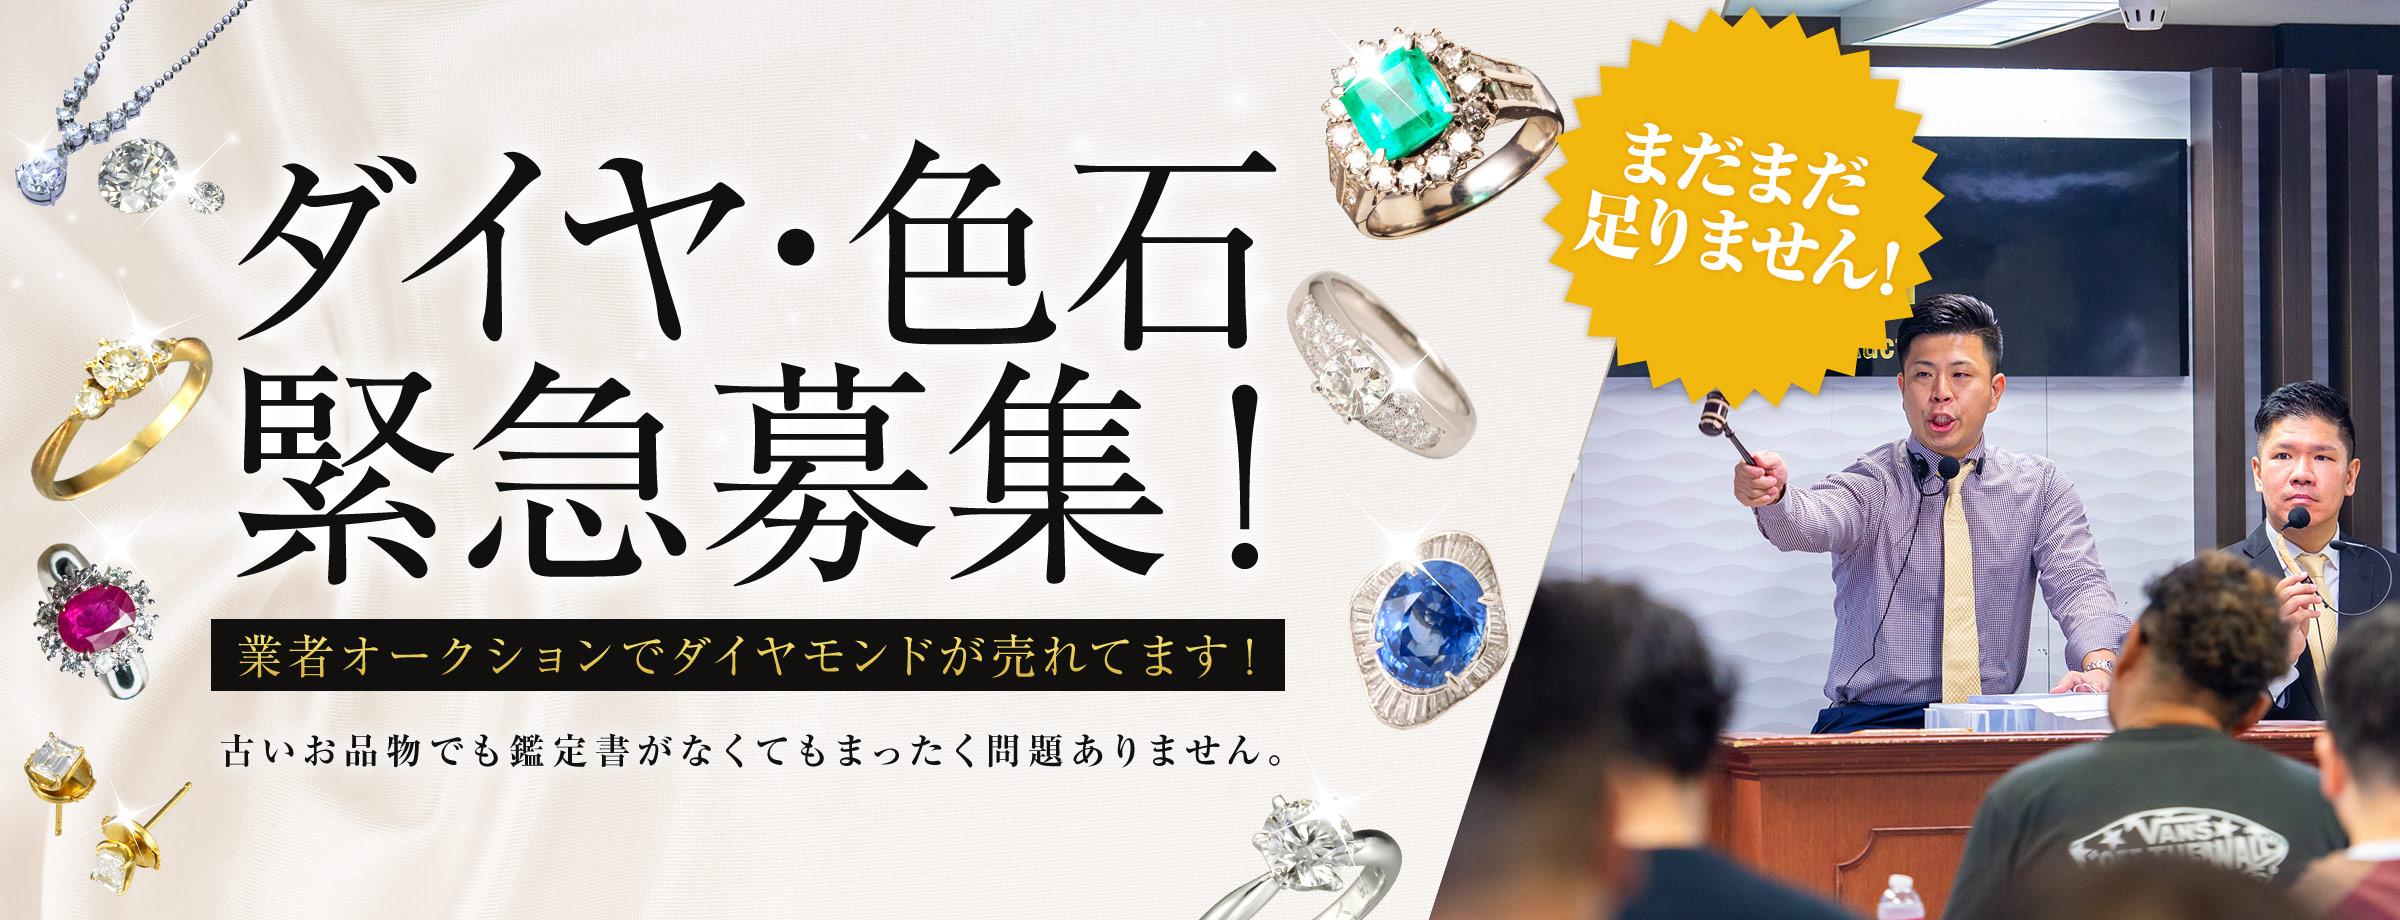 緊急号外! ダイヤモンドなどの宝石が売れてます!